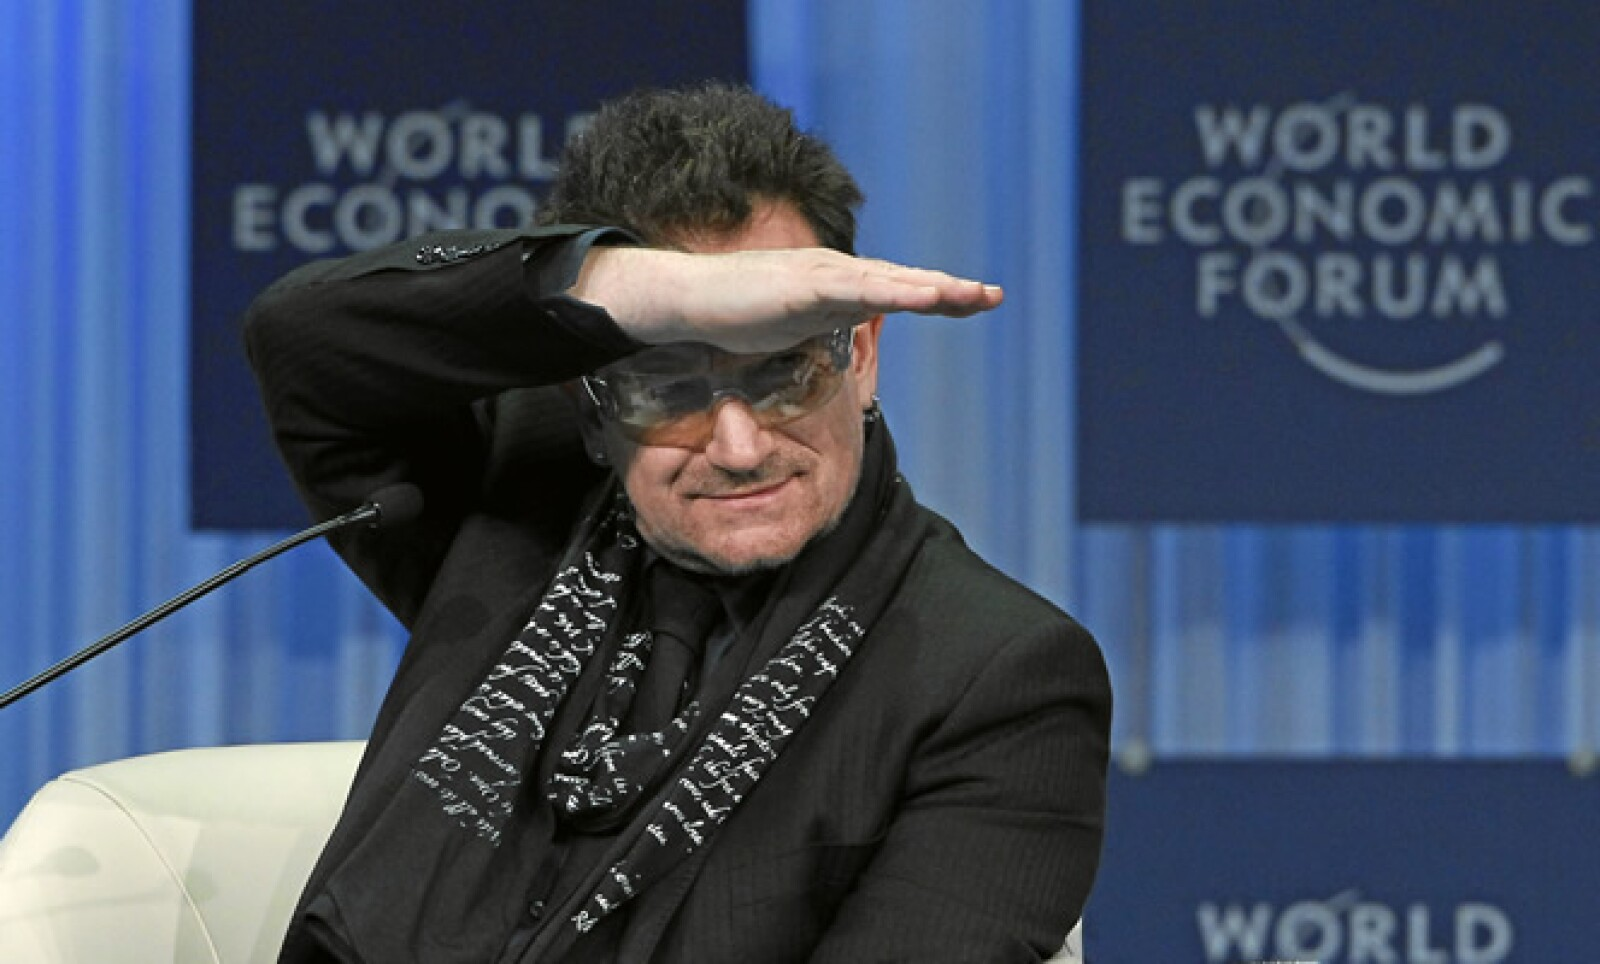 El vocalista de U2 es cofundador de la campaña ONE, que lucha contra la pobreza extrema y enfermedades prevenibles.